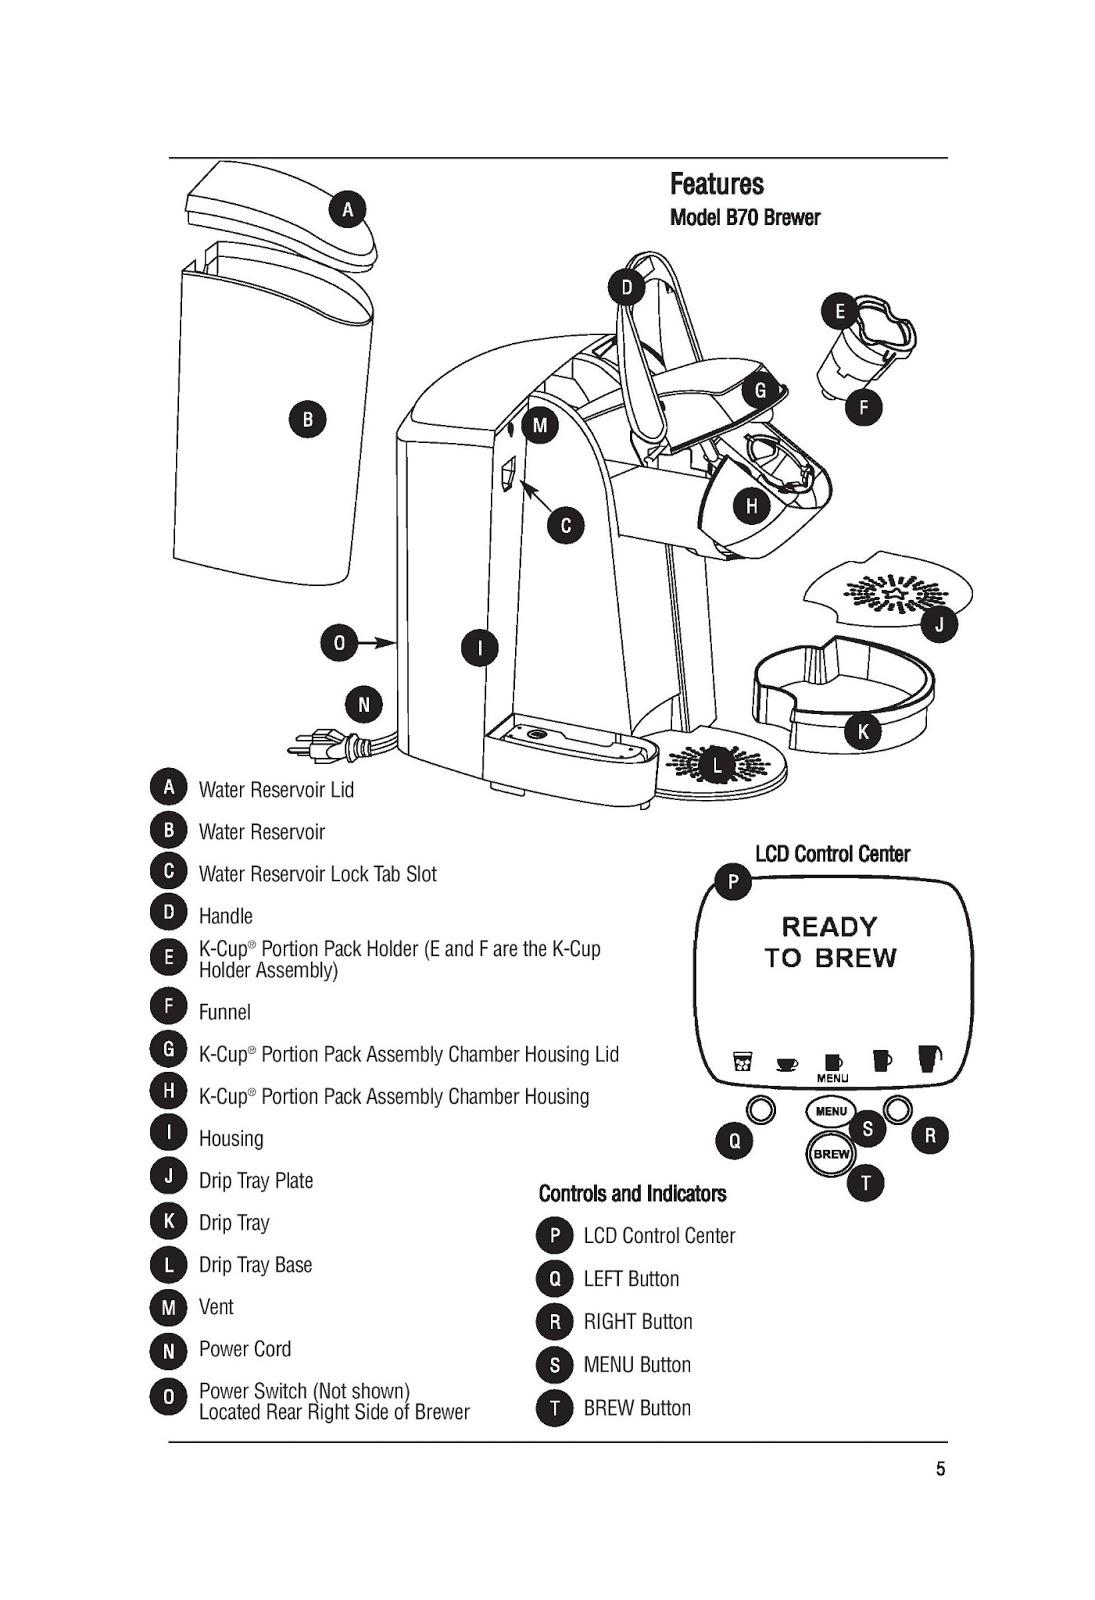 Keurig Coffee Maker B140 Manual : Troubleshooting At Keurig Ca myideasbedroom.com